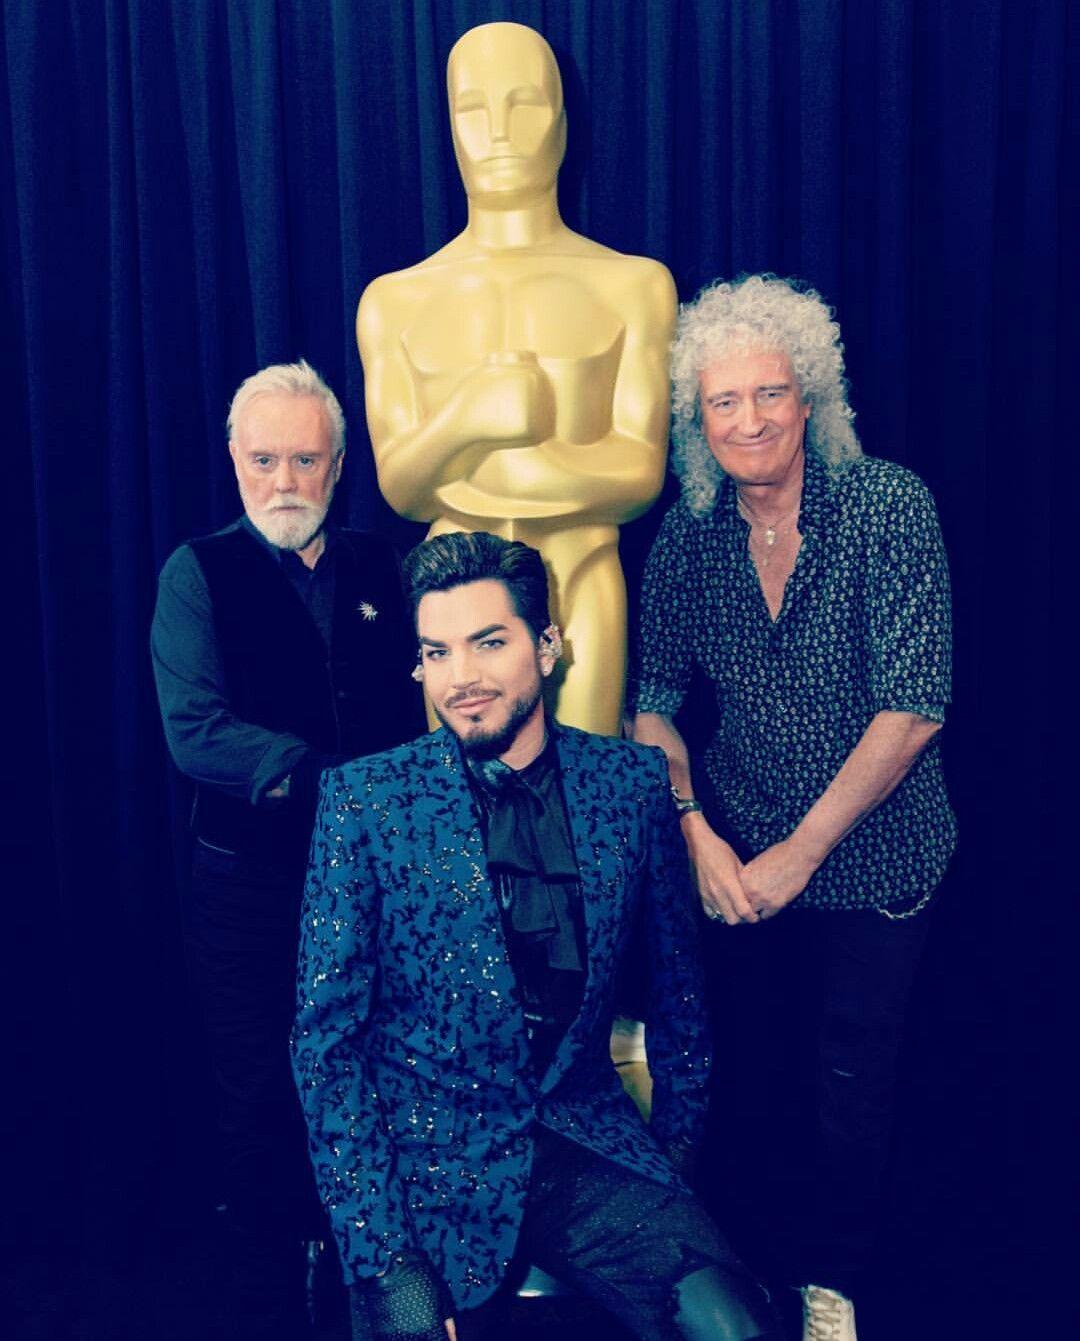 Queen Adam Lambert Oscar Awards 2019 Opening Adam Lambert Queen With Adam Lambert Queen Adam Lambert Tour